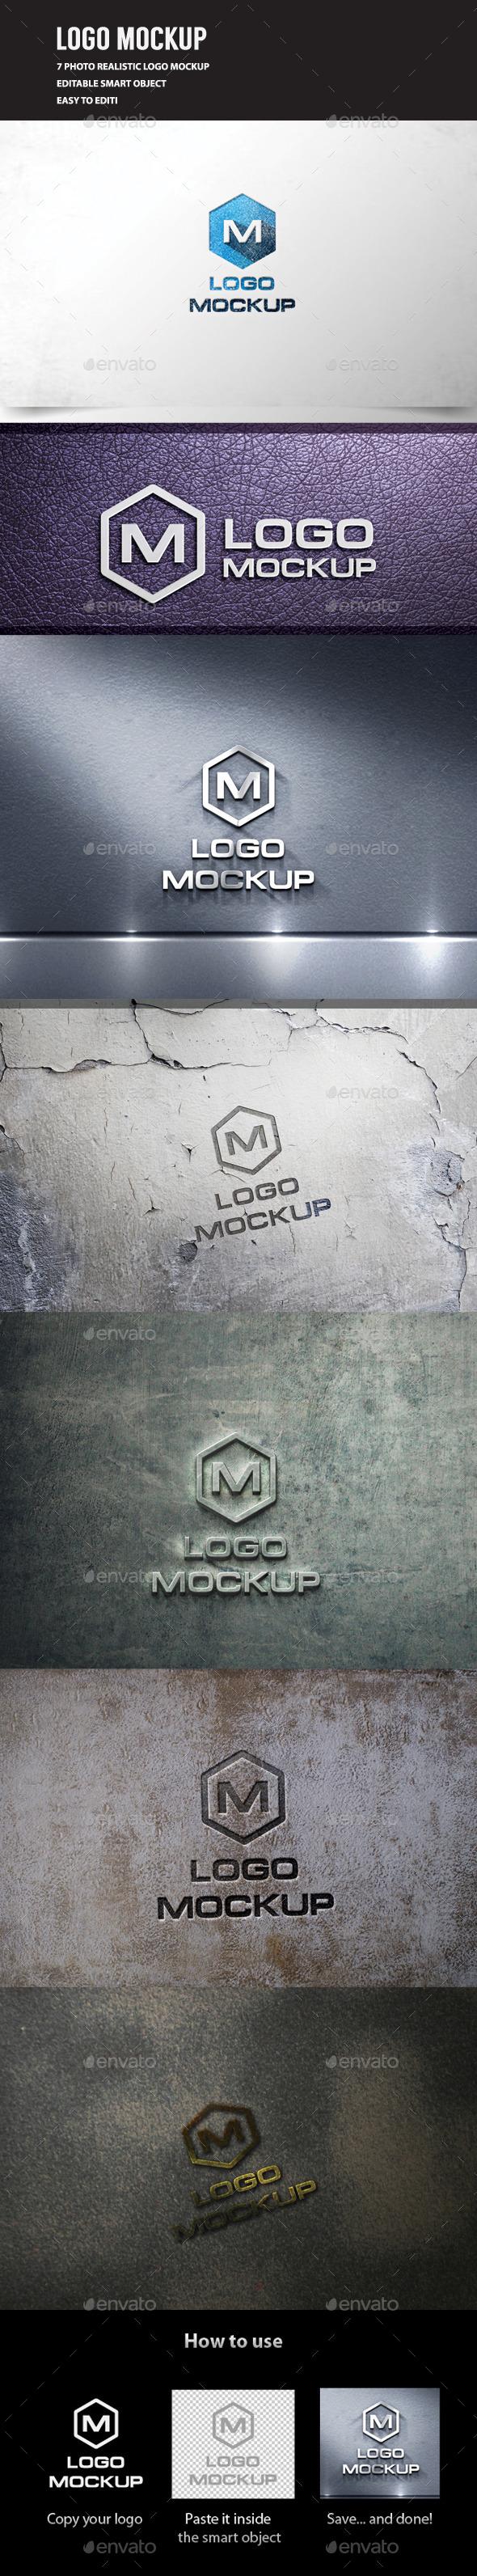 3D Logo Mockup Vol.3 - Logo Product Mock-Ups